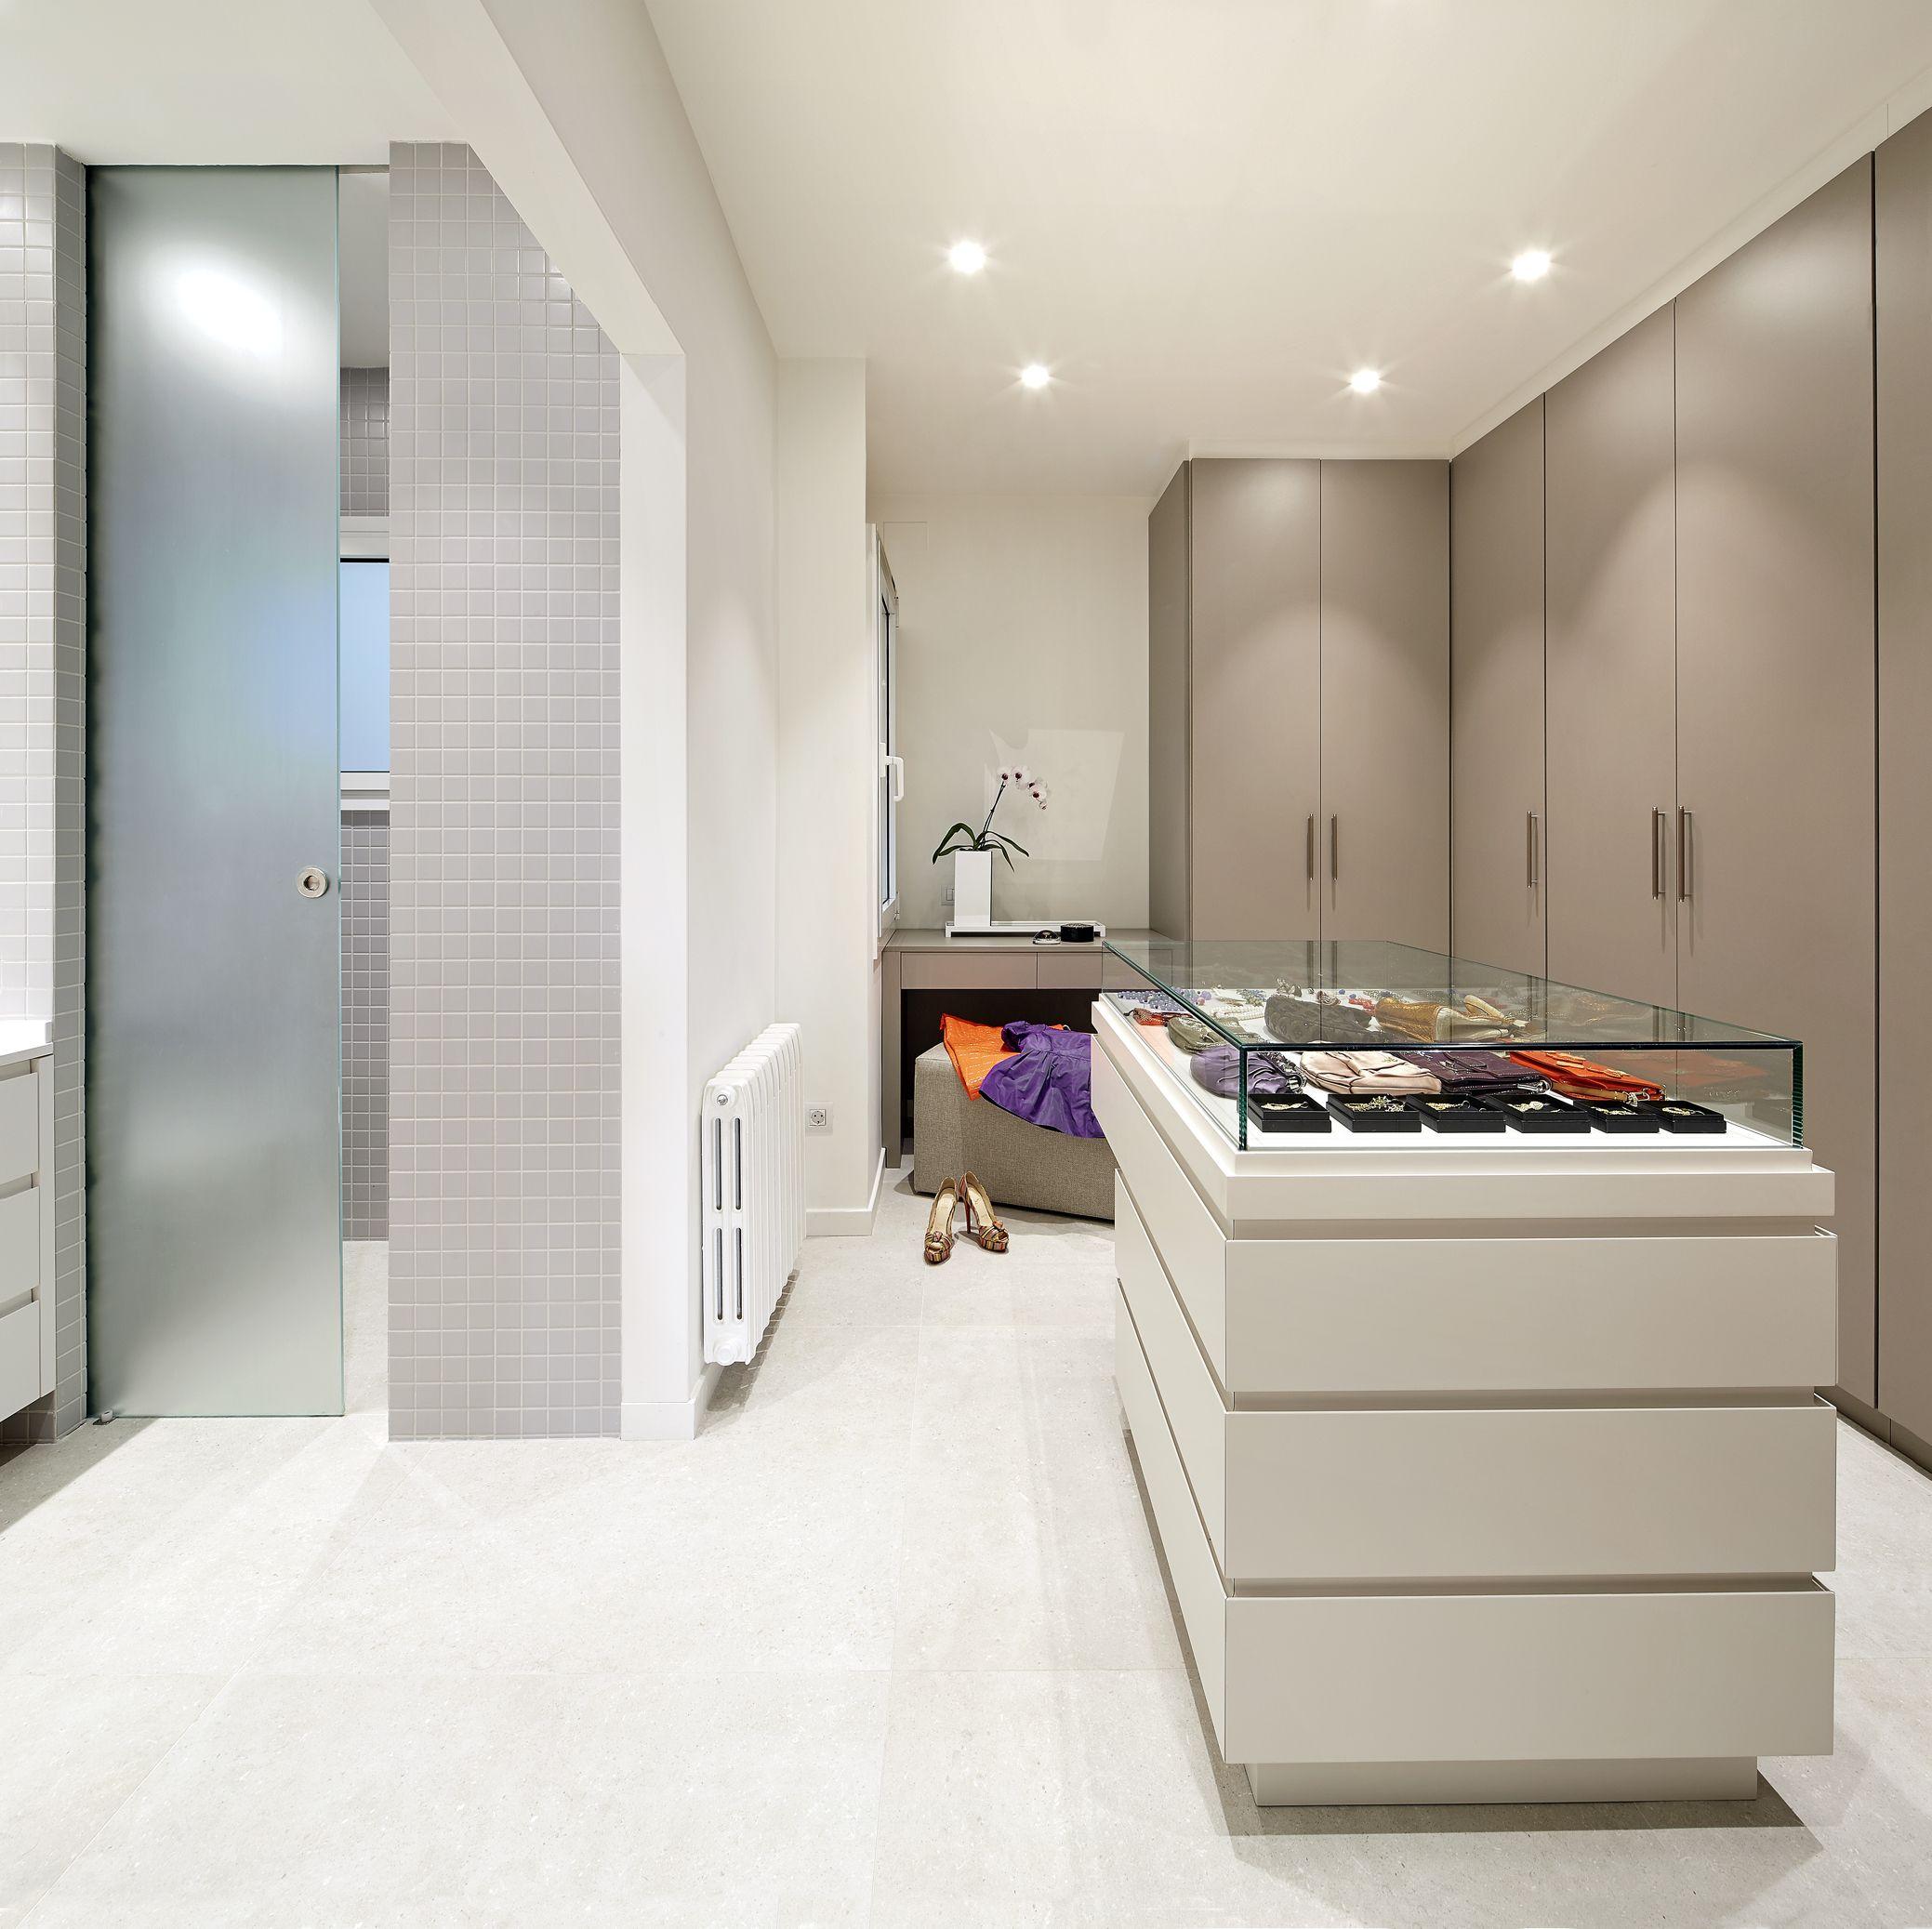 molins interiors interior decoracin dormitorio principal suite